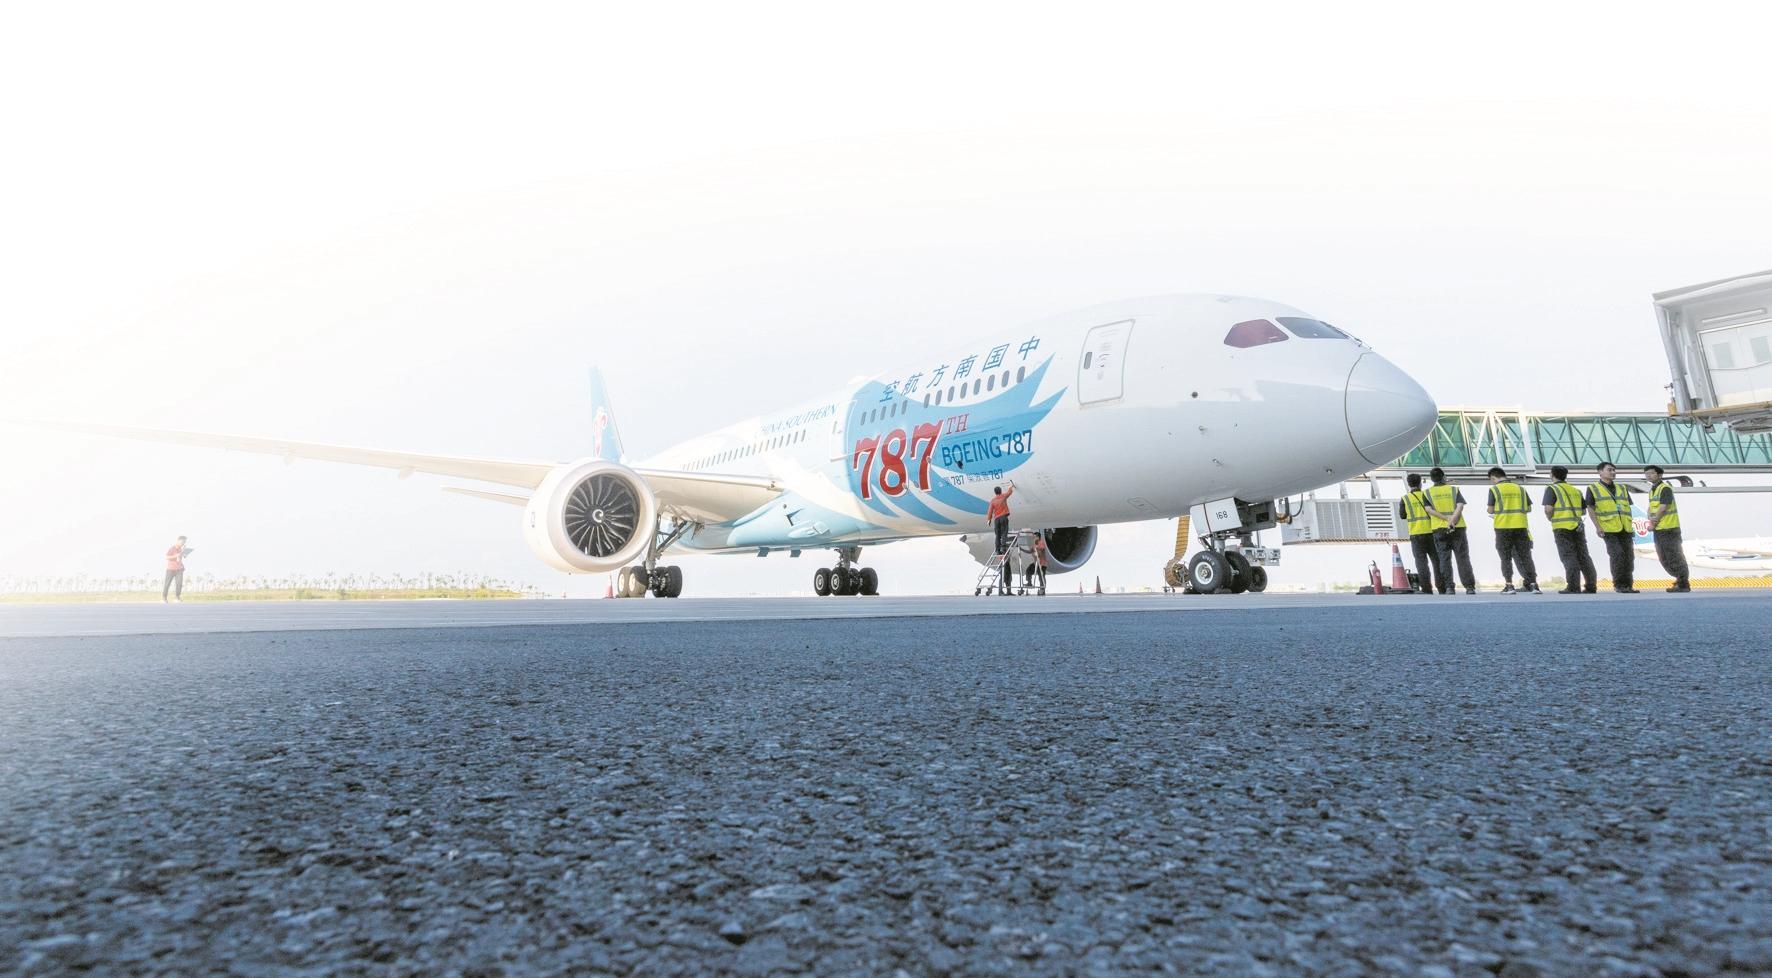 武汉天河机场去年客运增幅全国第一  国际业务蝉联中部榜首